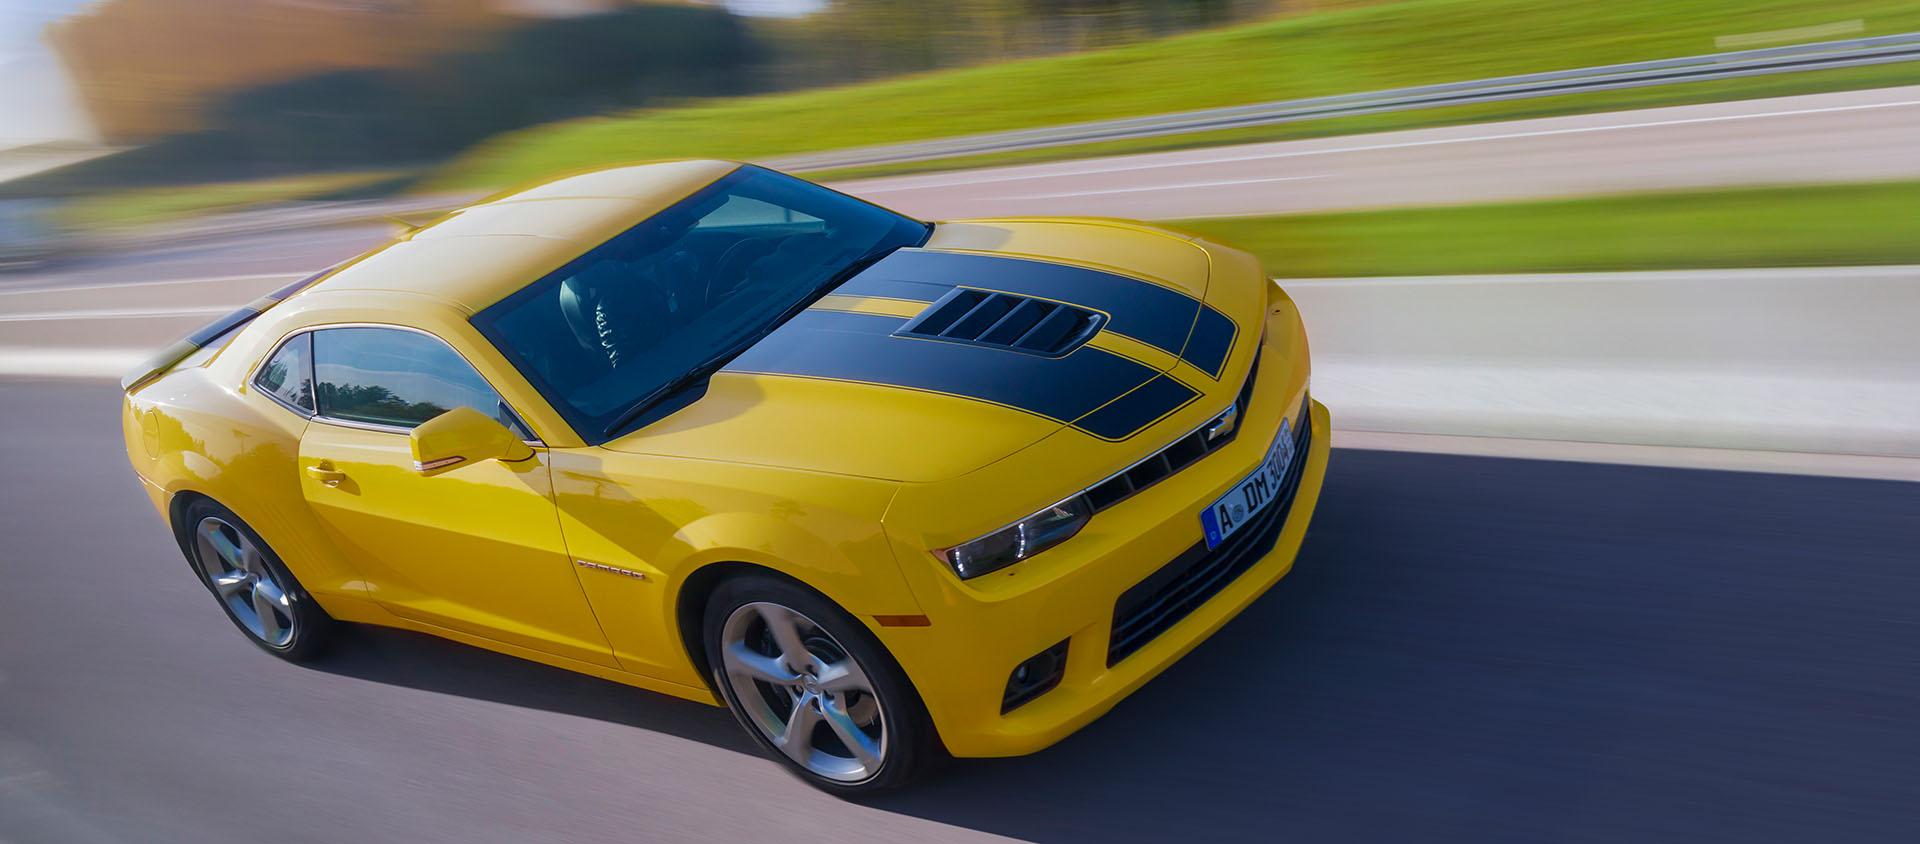 Chevrolet Gebrauchtwagen bestellen